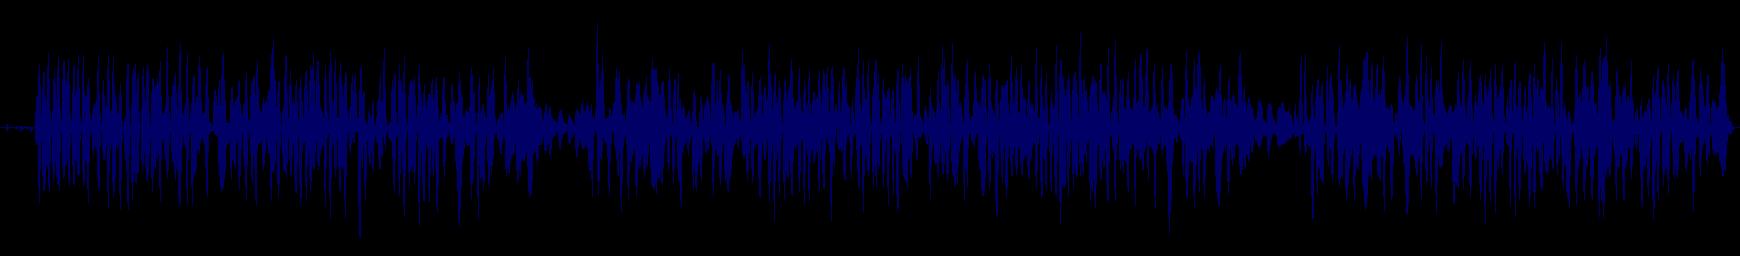 waveform of track #101623